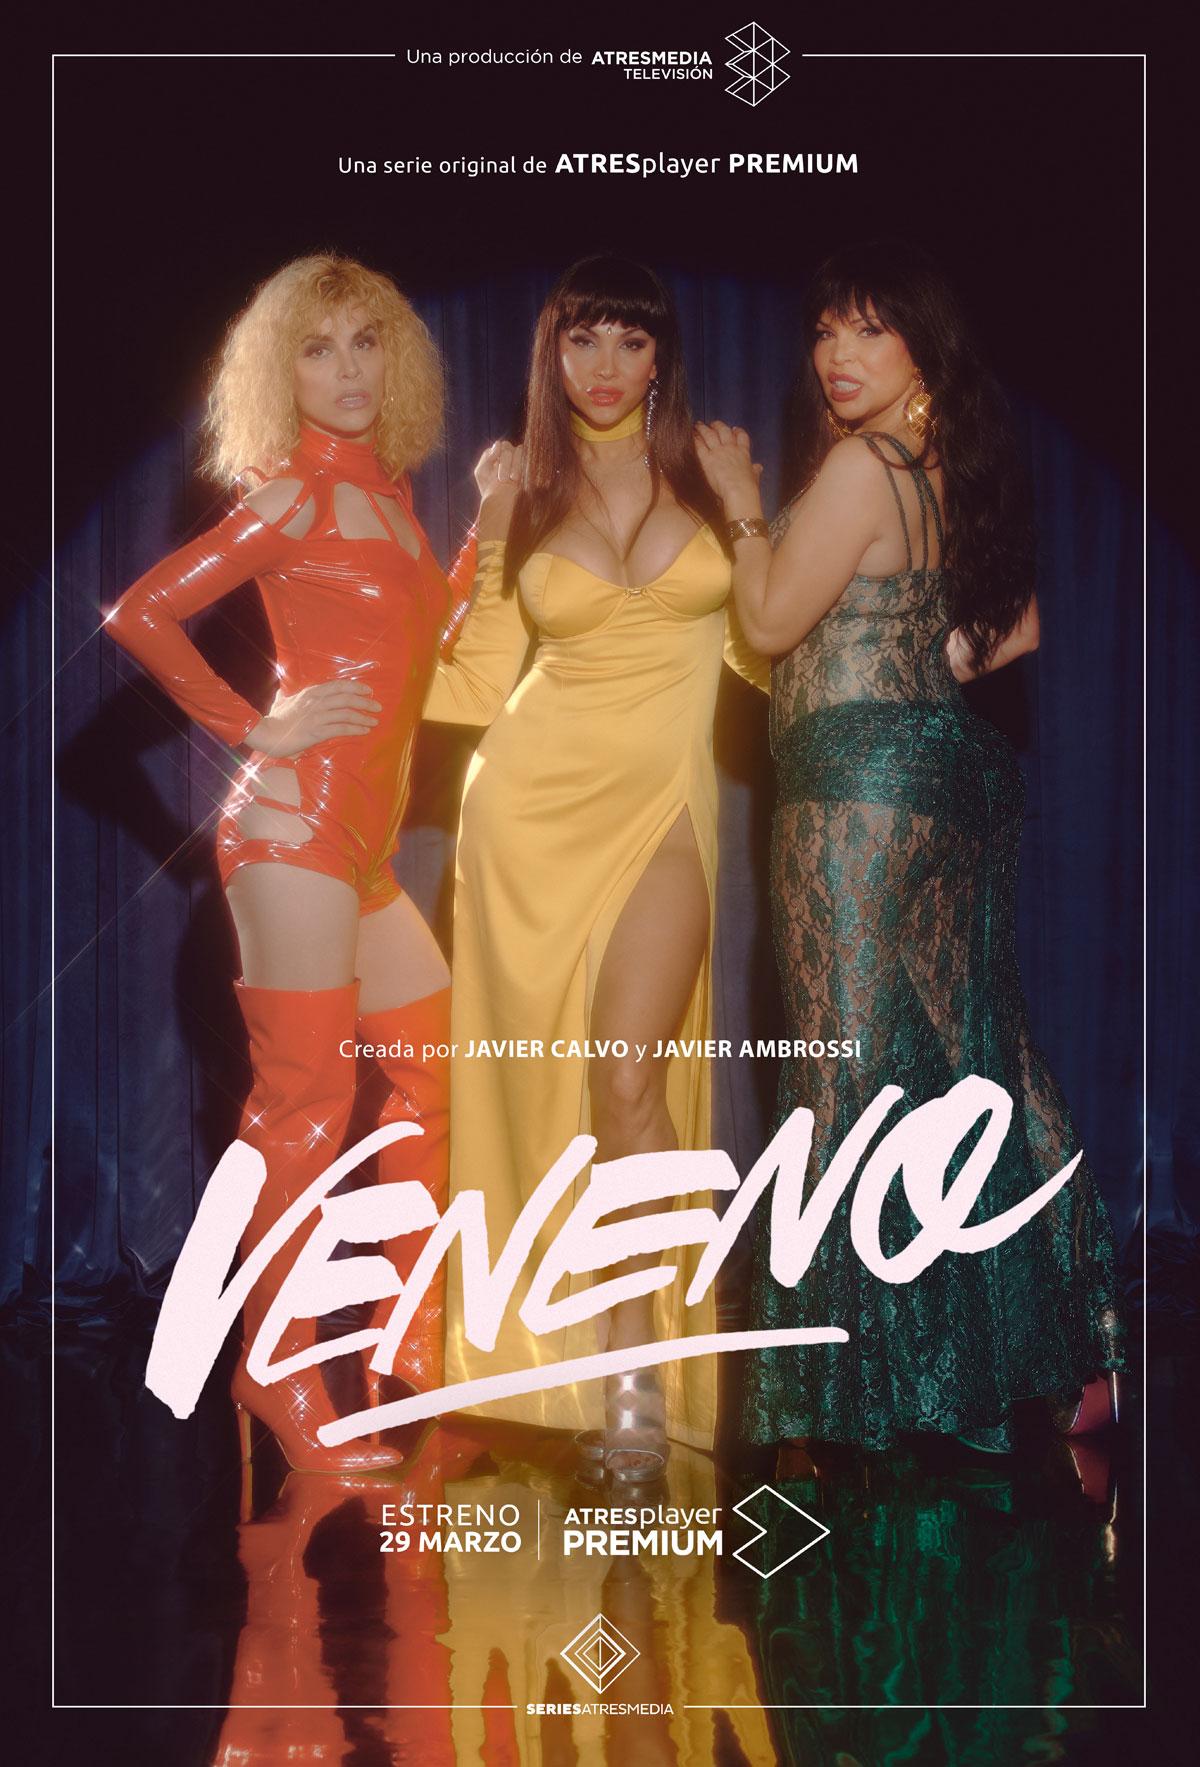 Veneno - Serie 2020 - SensaCine.com